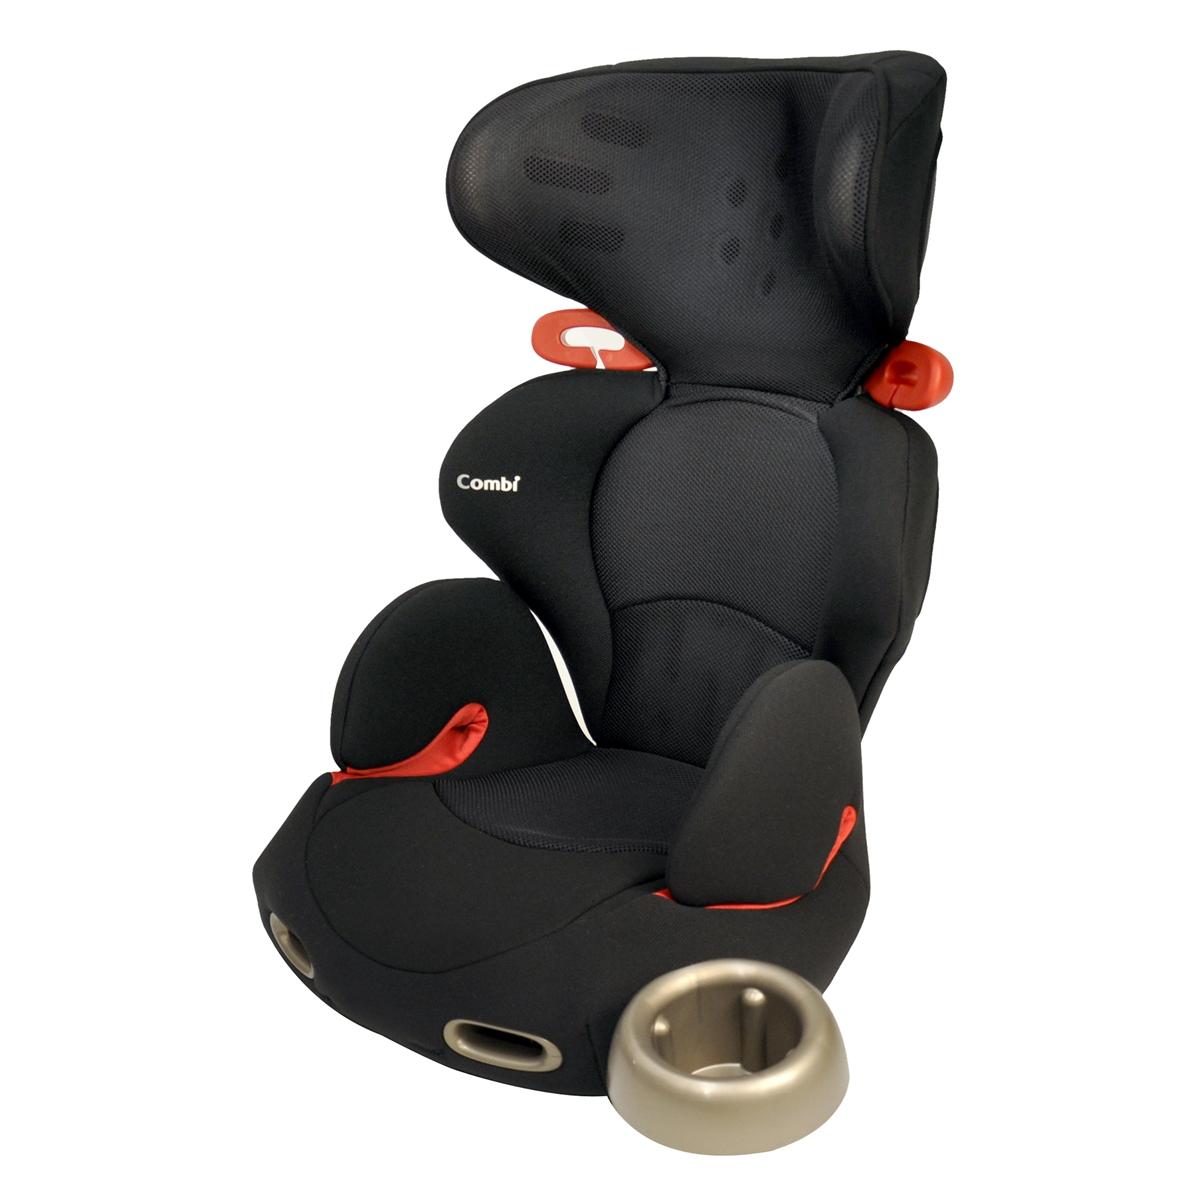 kobuk booster seat. Black Bedroom Furniture Sets. Home Design Ideas